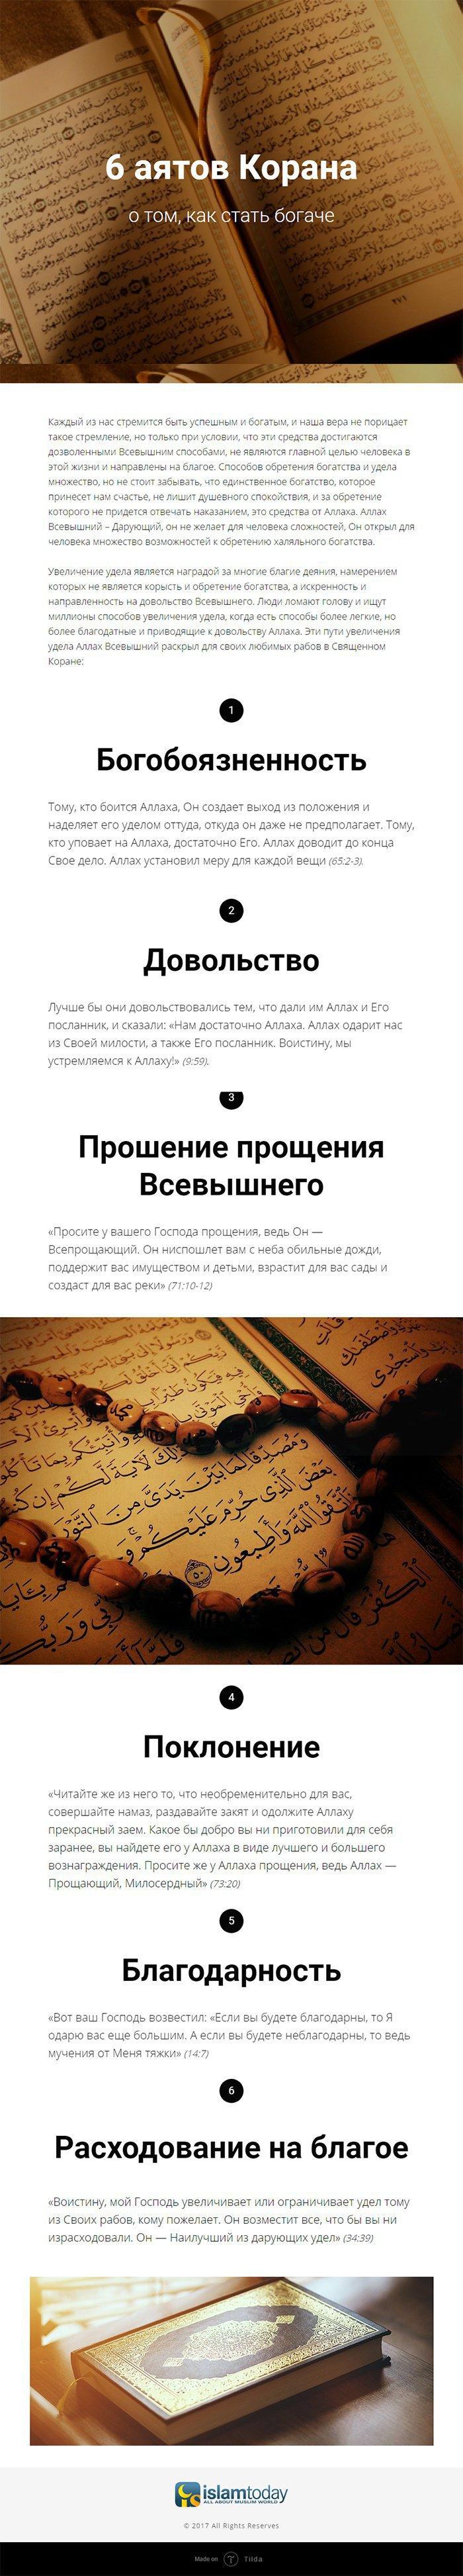 Советы из Корана о том, как стать богаче